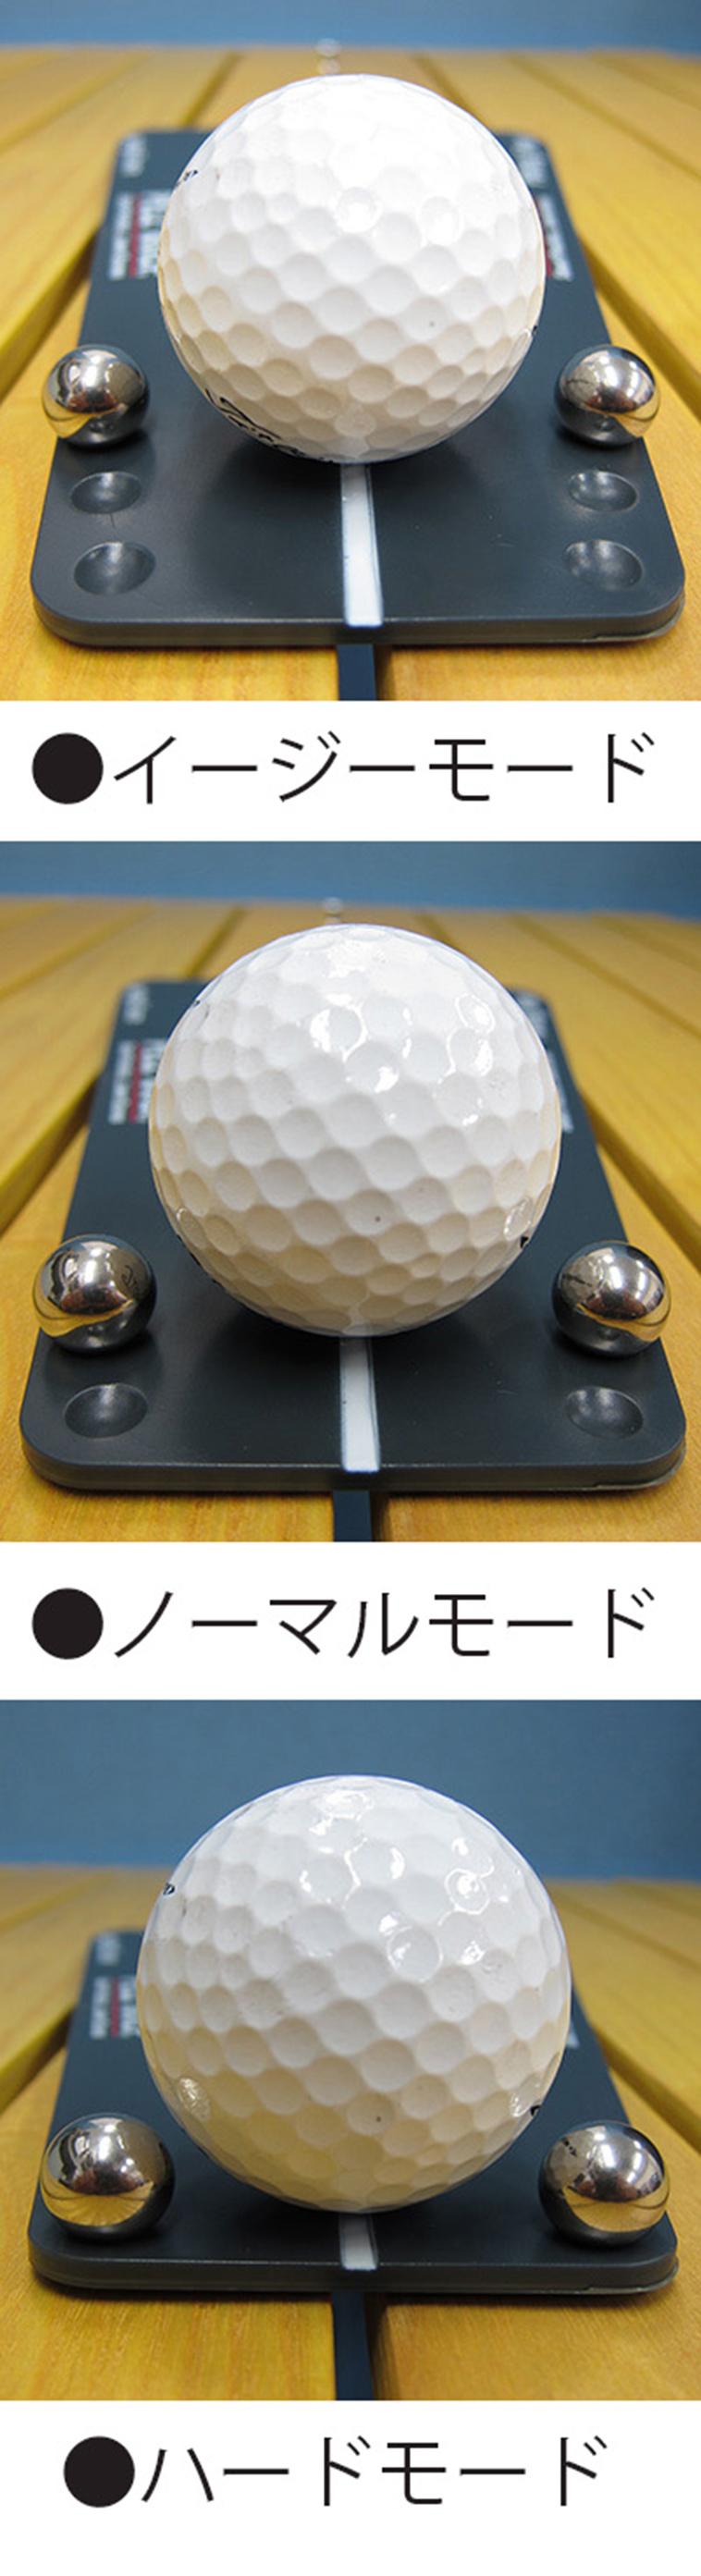 ペルツゴルフパッティングチューター